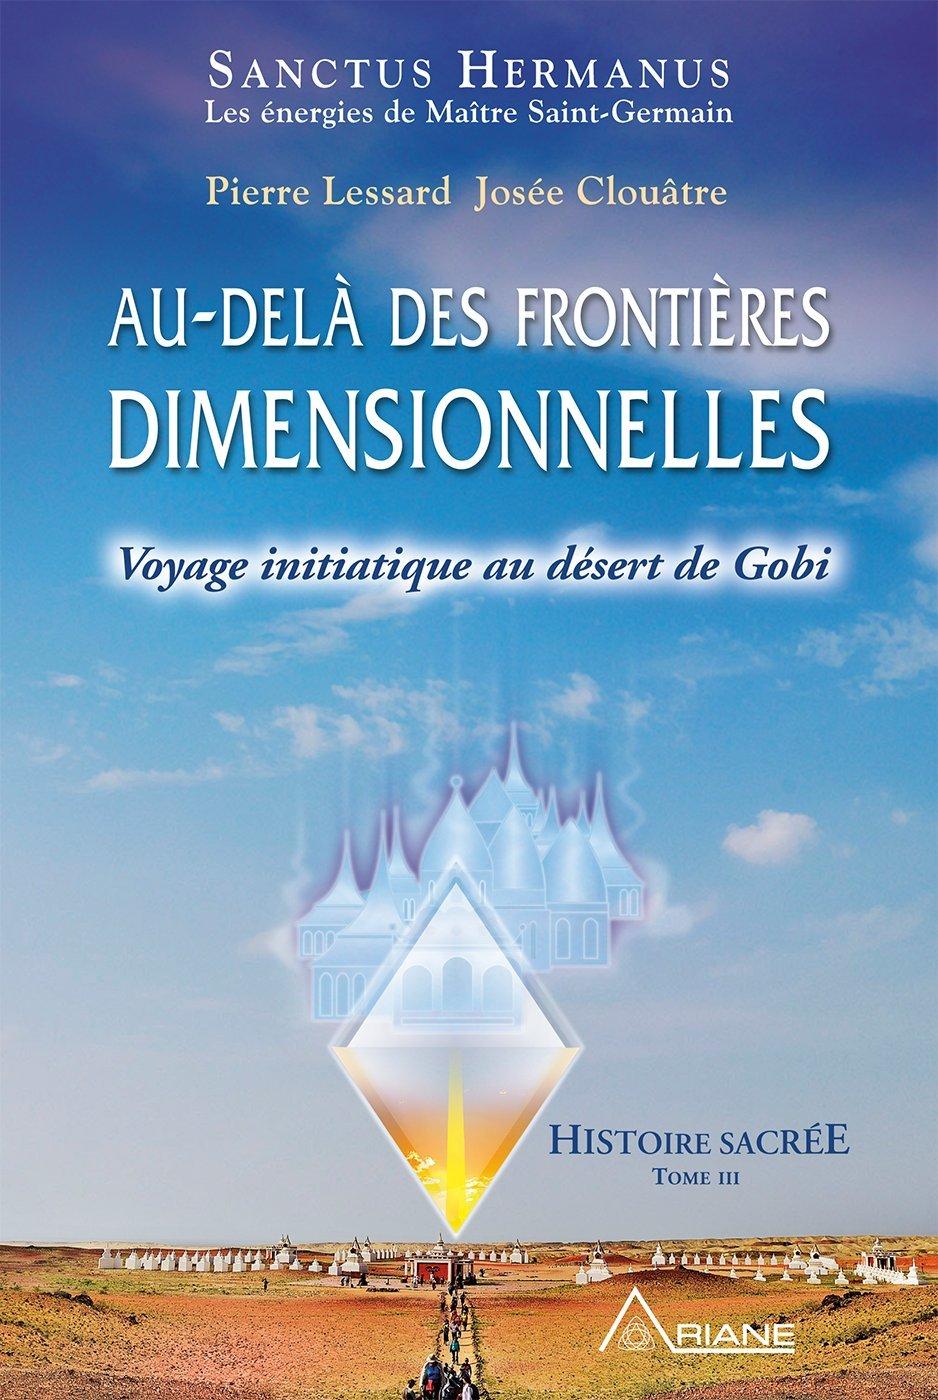 Au-delà des frontières dimensionnelles: Voyage initiatique au désert de Gobi por Pierre Lessard